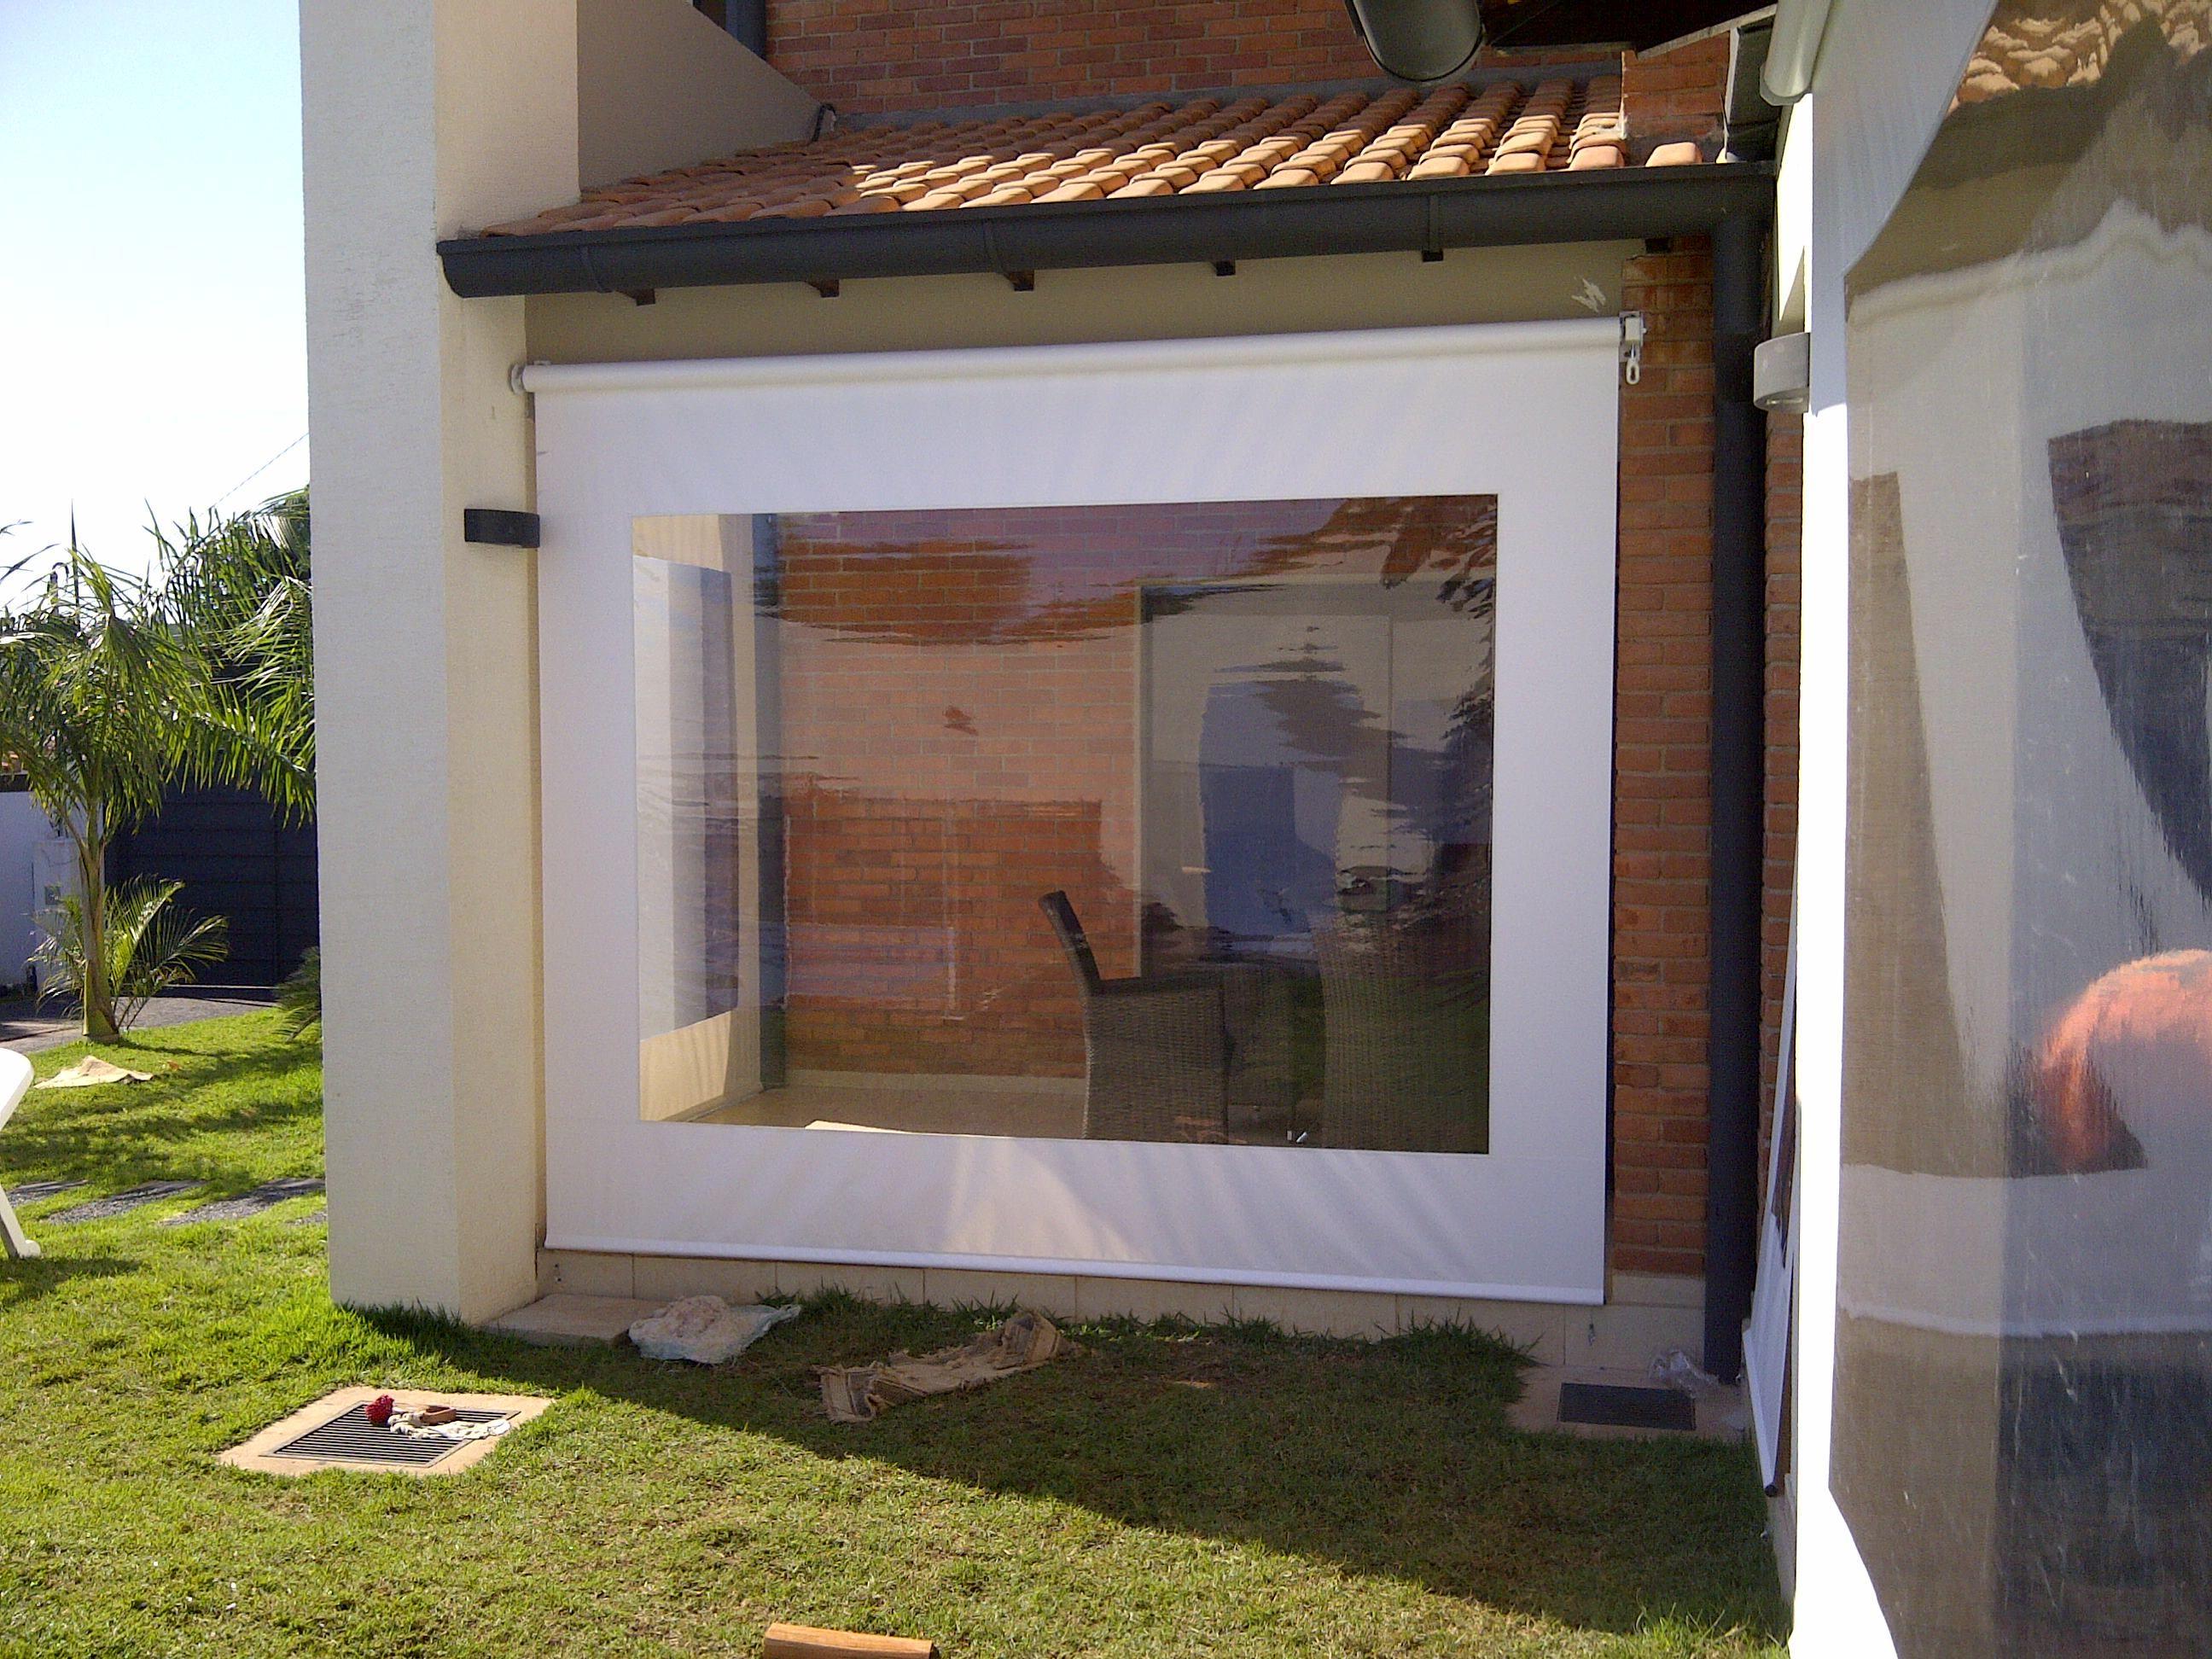 Vista exterior de cerramiento galer a con toldos - Toldos verticales para exterior ...